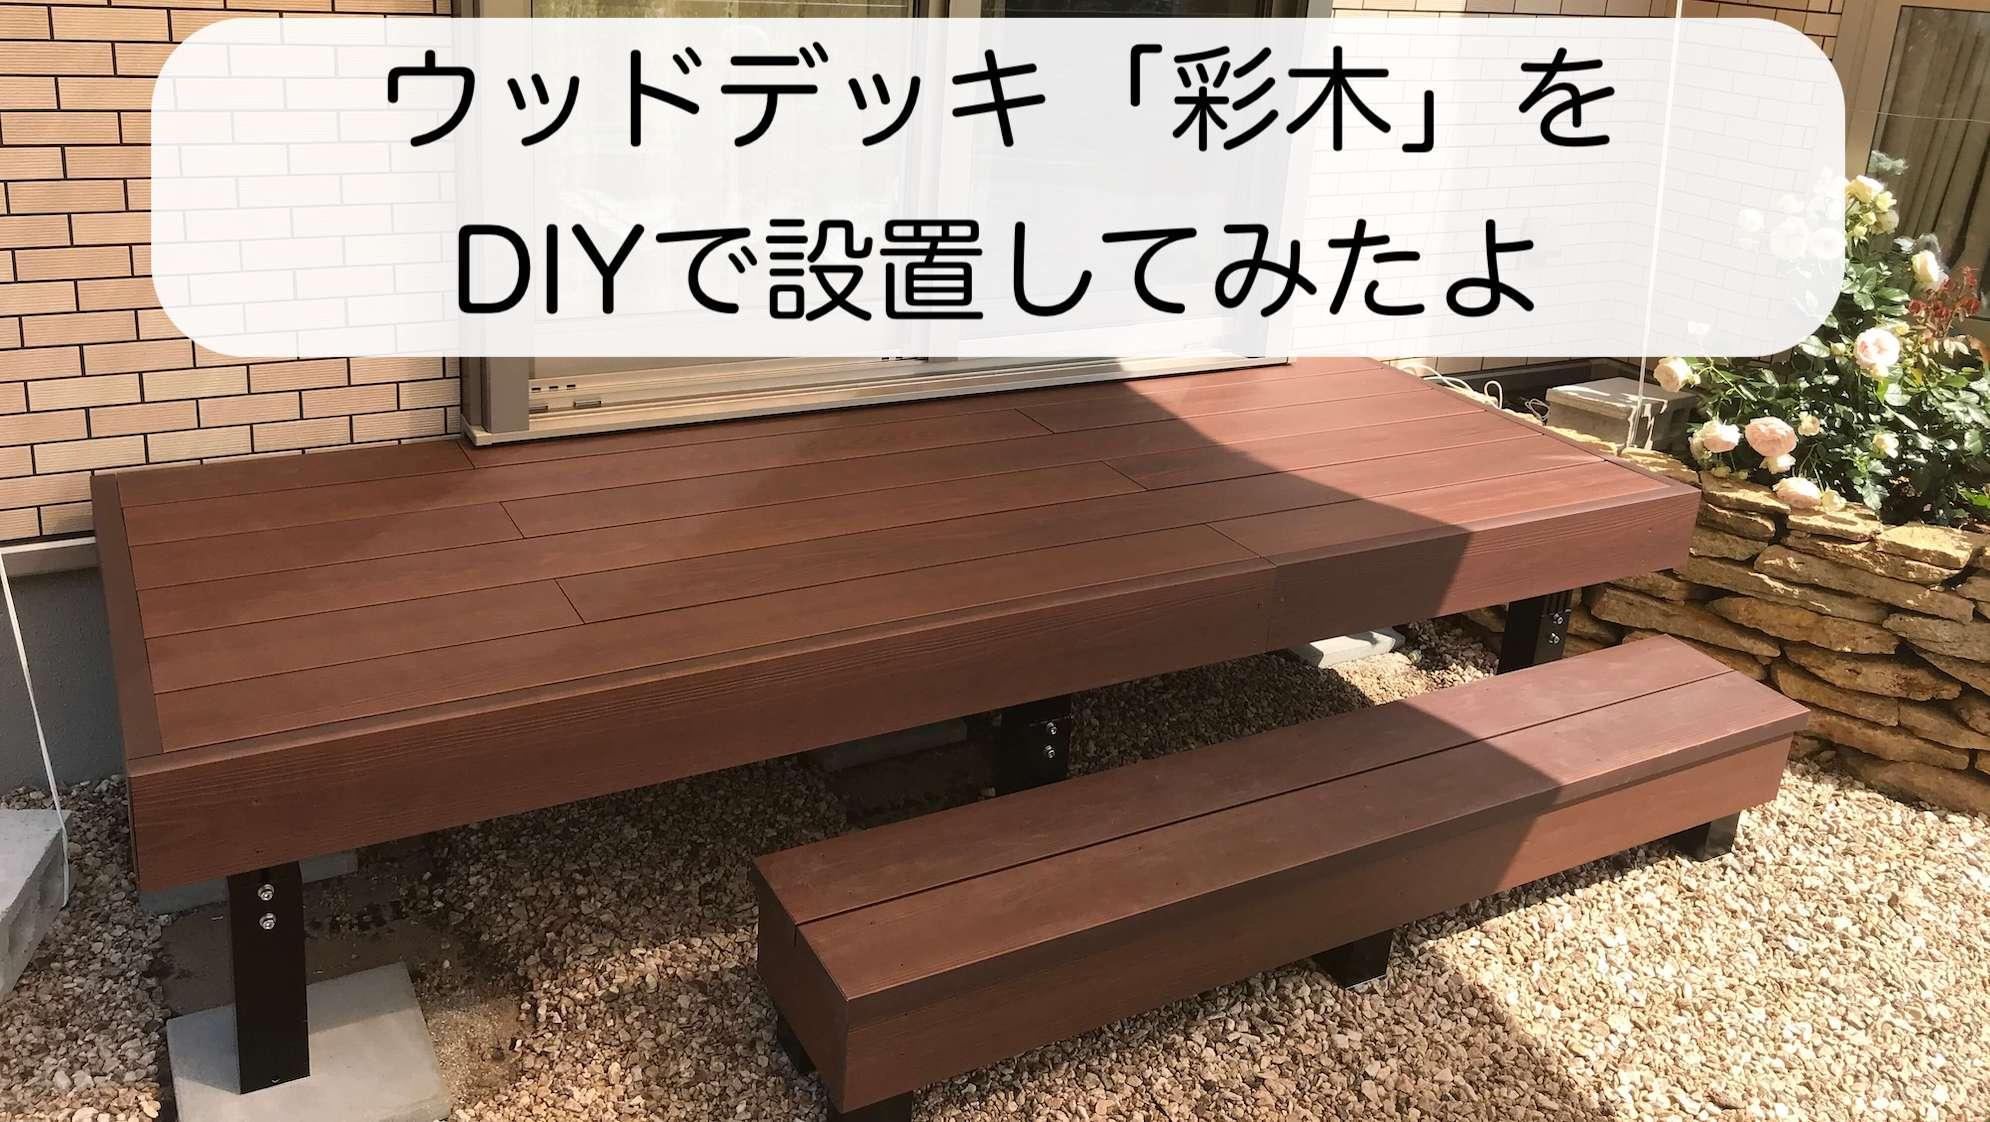 人工木ウッドデッキキット「彩木」のDIYは難しい!